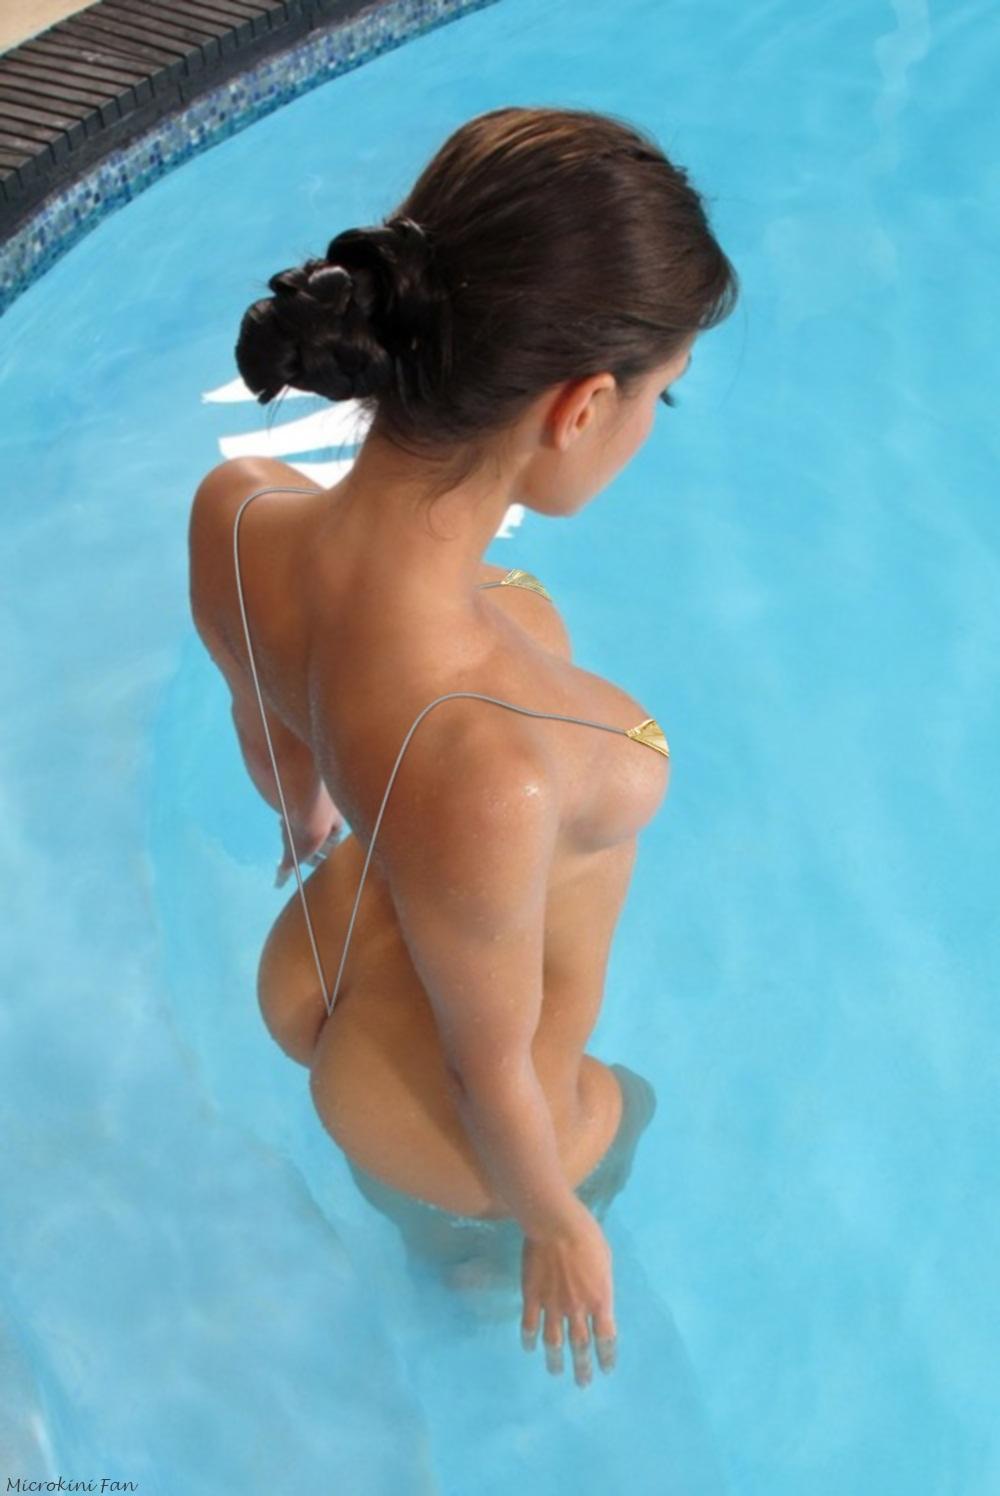 bikini micro june